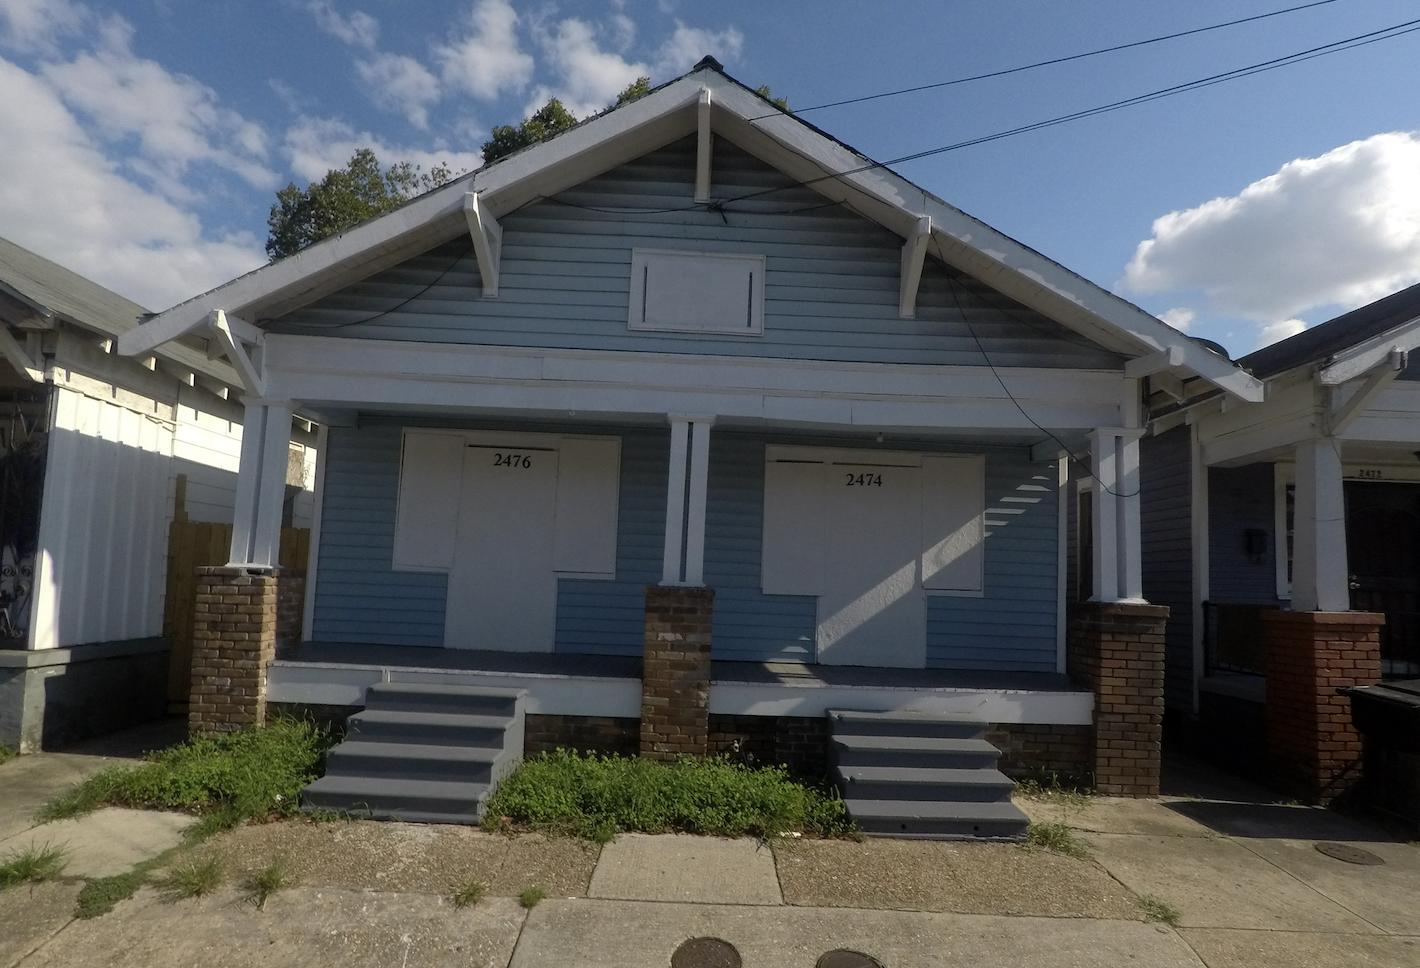 2474 N Claiborne Ave, New Orleans, LA